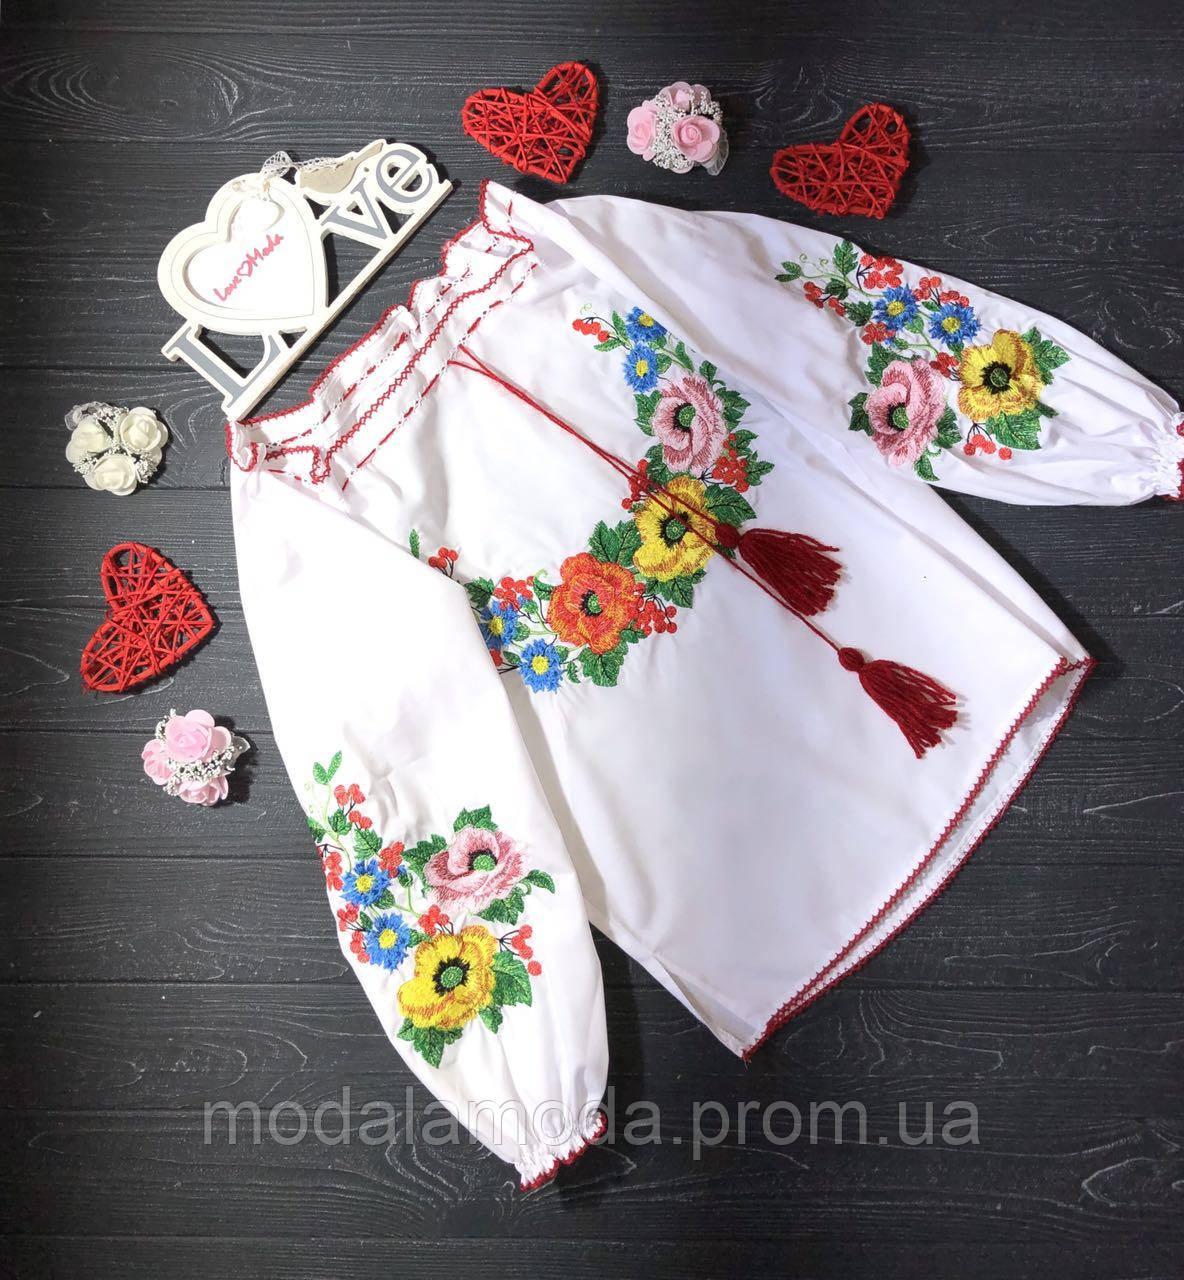 Вышиванка нарядная с цветами для девочки- подростка